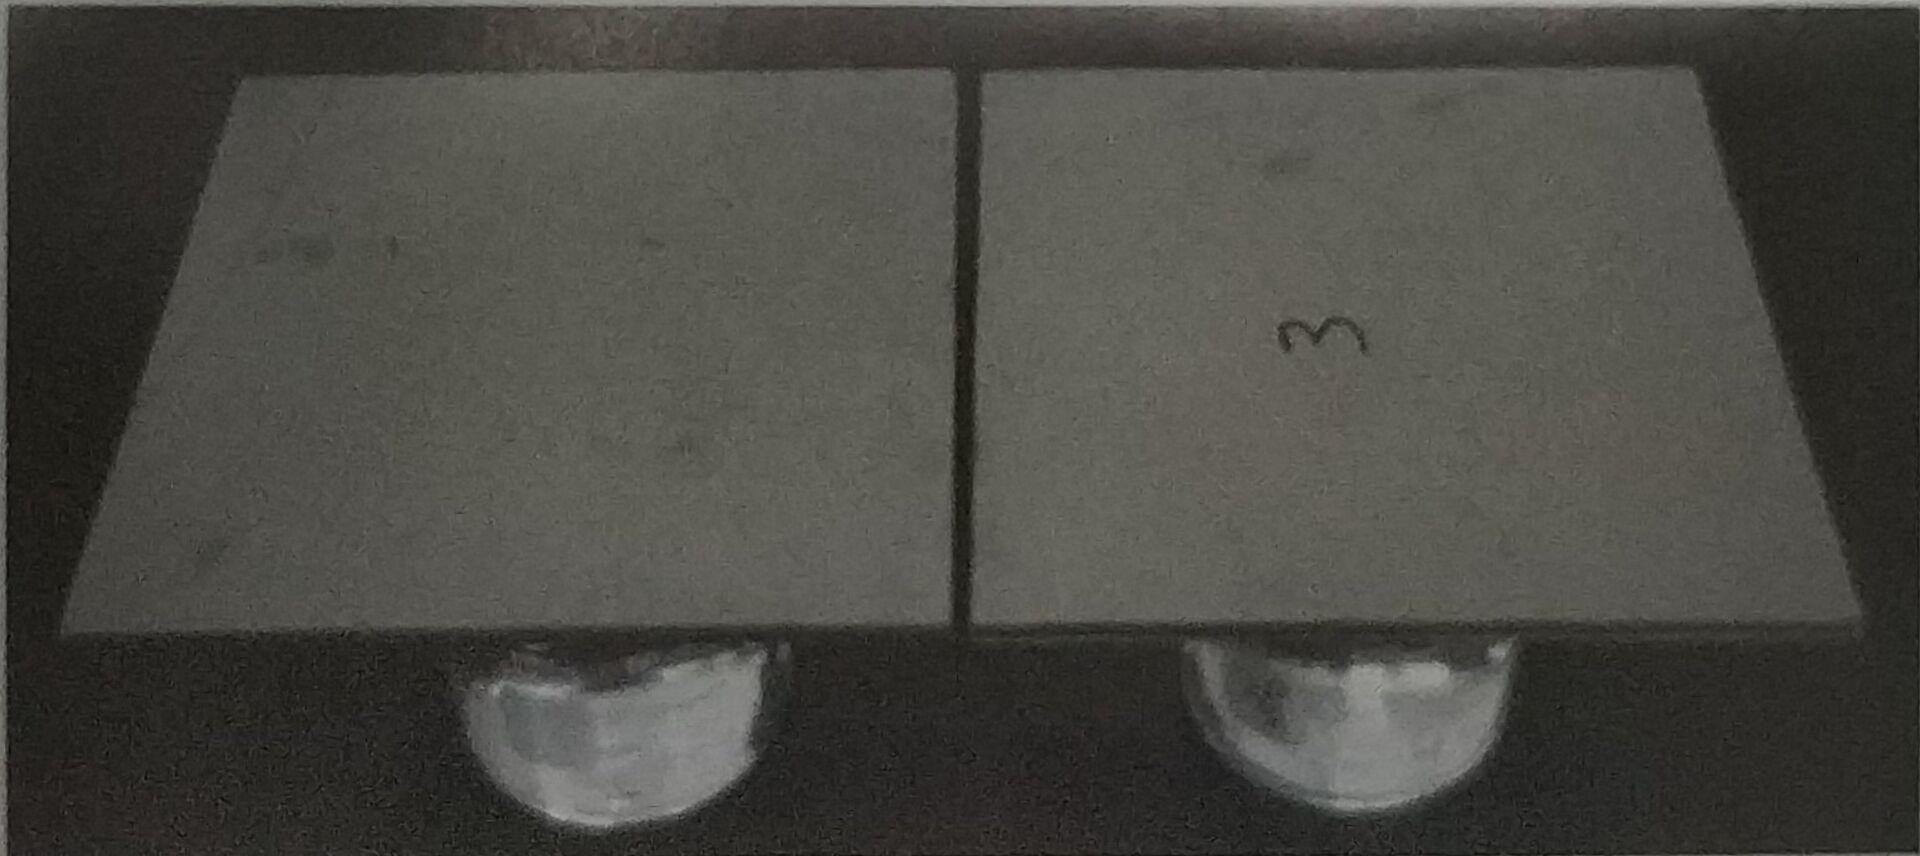 调湿防、结露性能演示,将样板放置在热水容器上